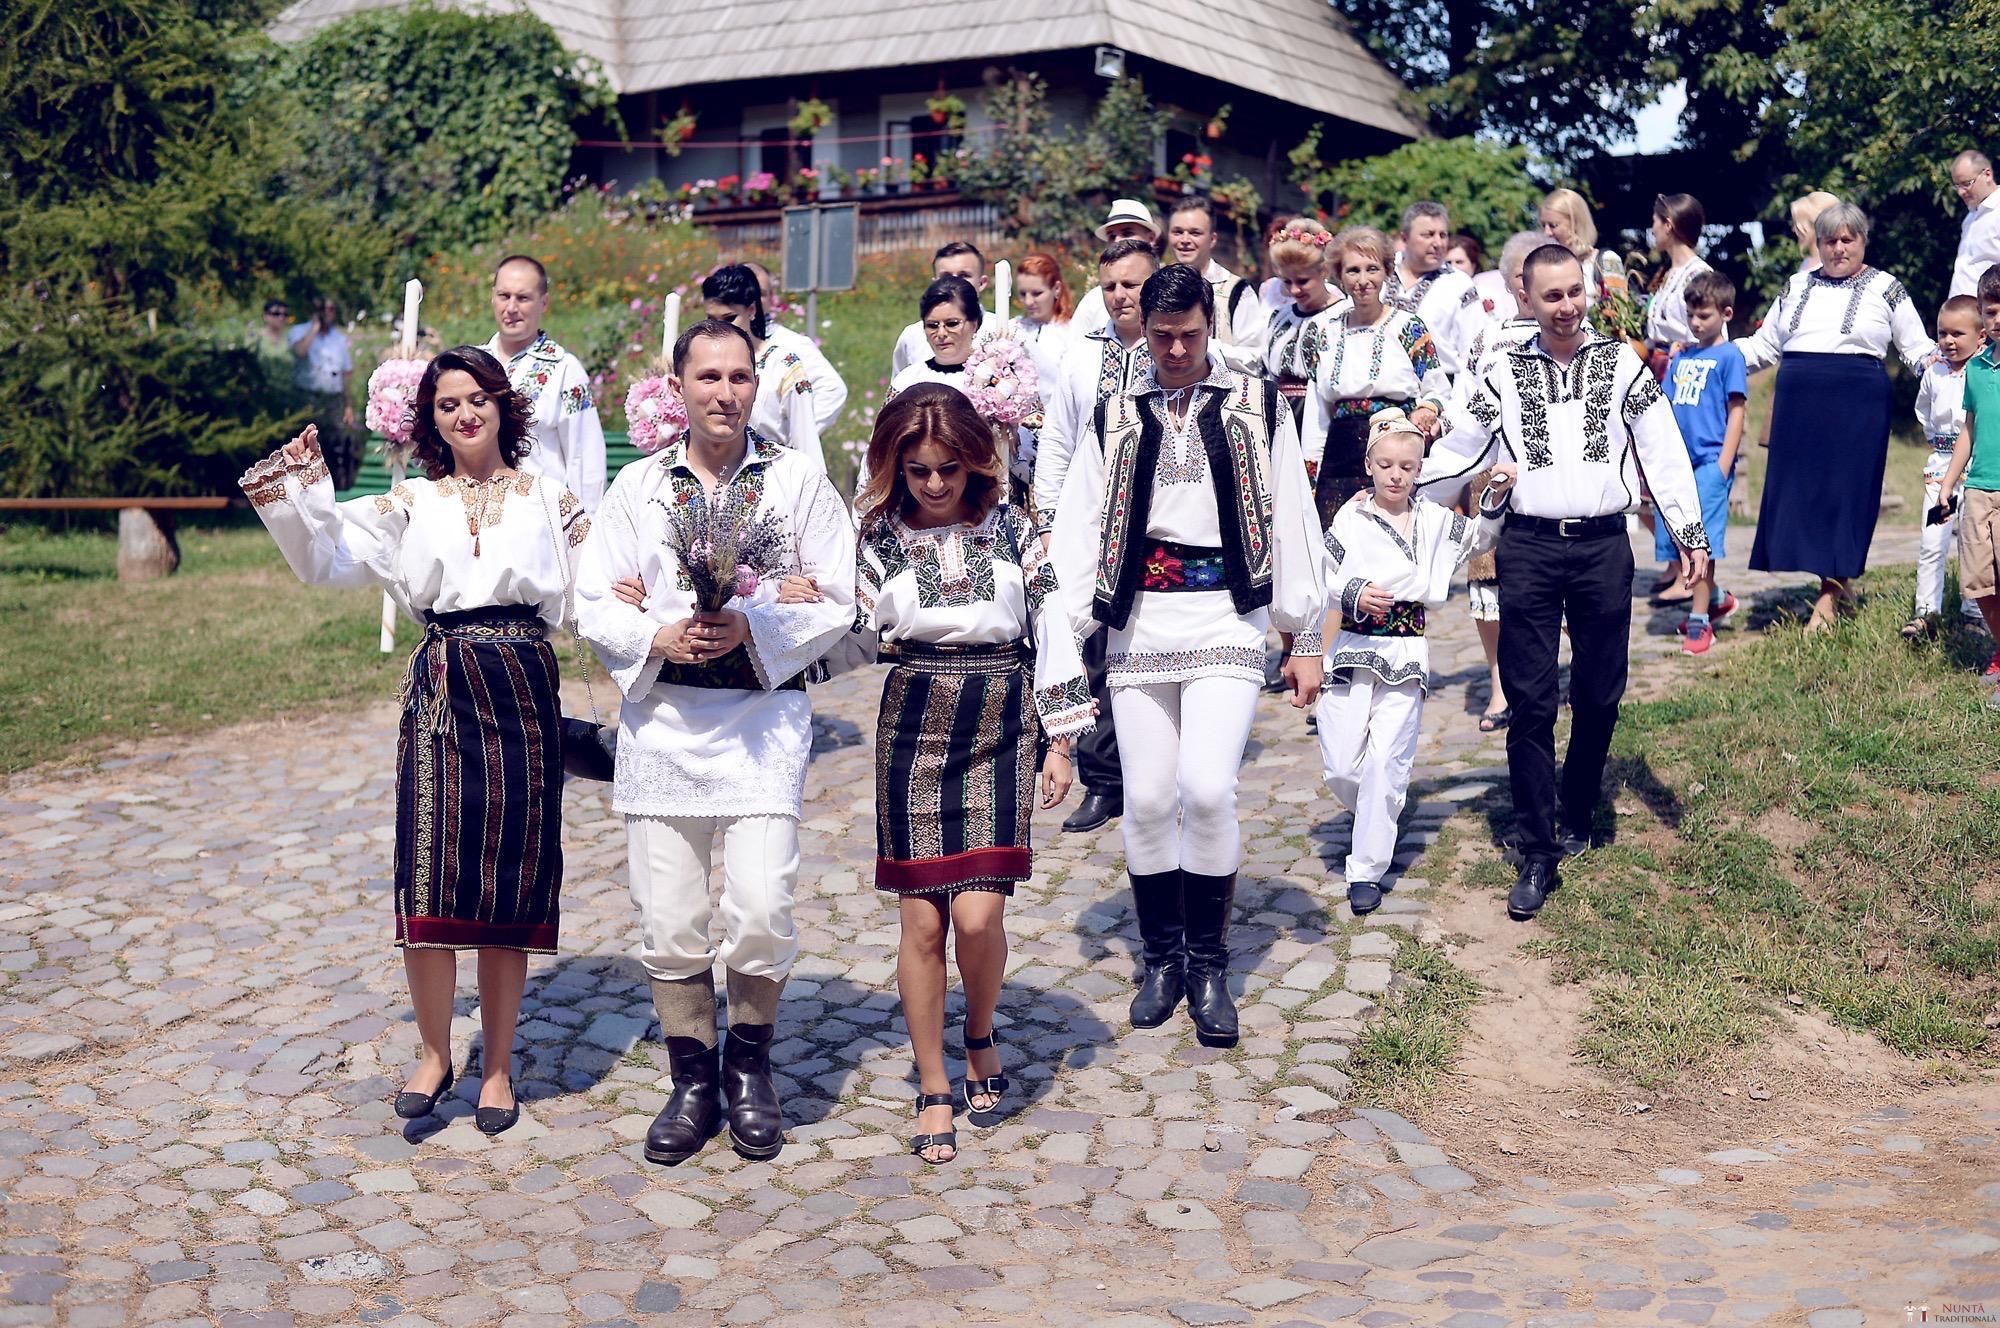 Povești Nunți Tradiționale - Iulia și Andrei. Nuntă tradițională în Bucovina. 42